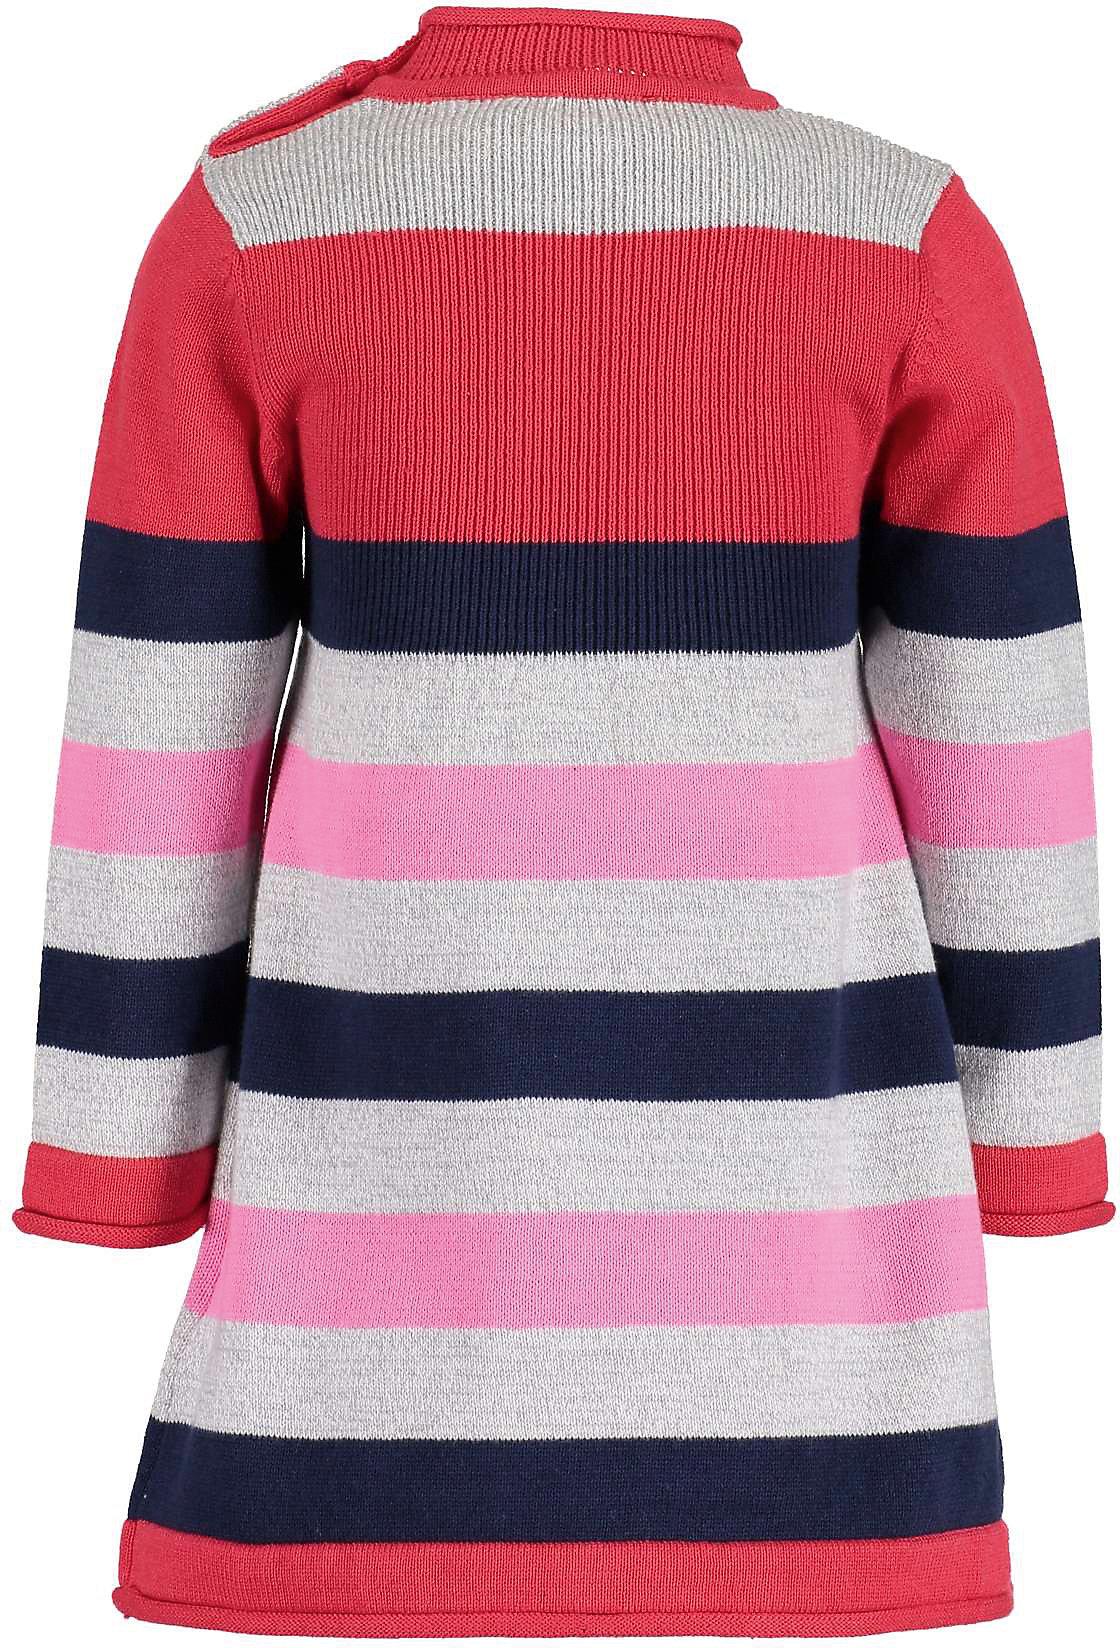 Neu BLUE SEVEN Baby Strickkleid 12168151 für Mädchen rot